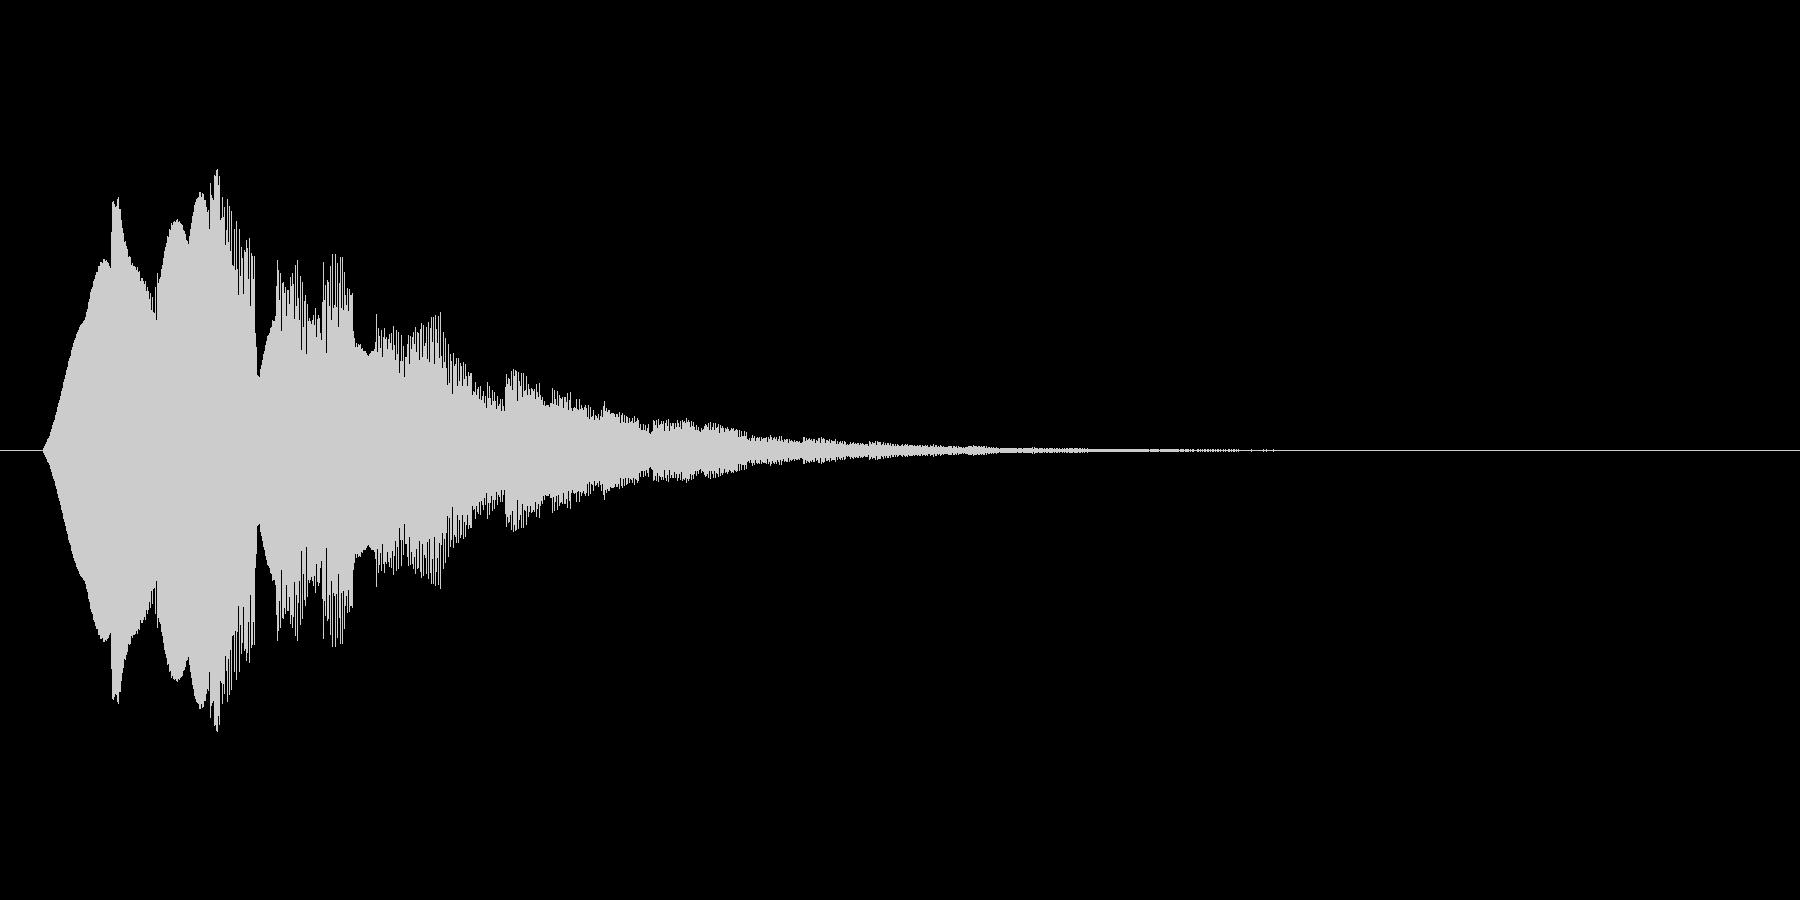 キラーン(アイテム取得、お知らせ)の未再生の波形